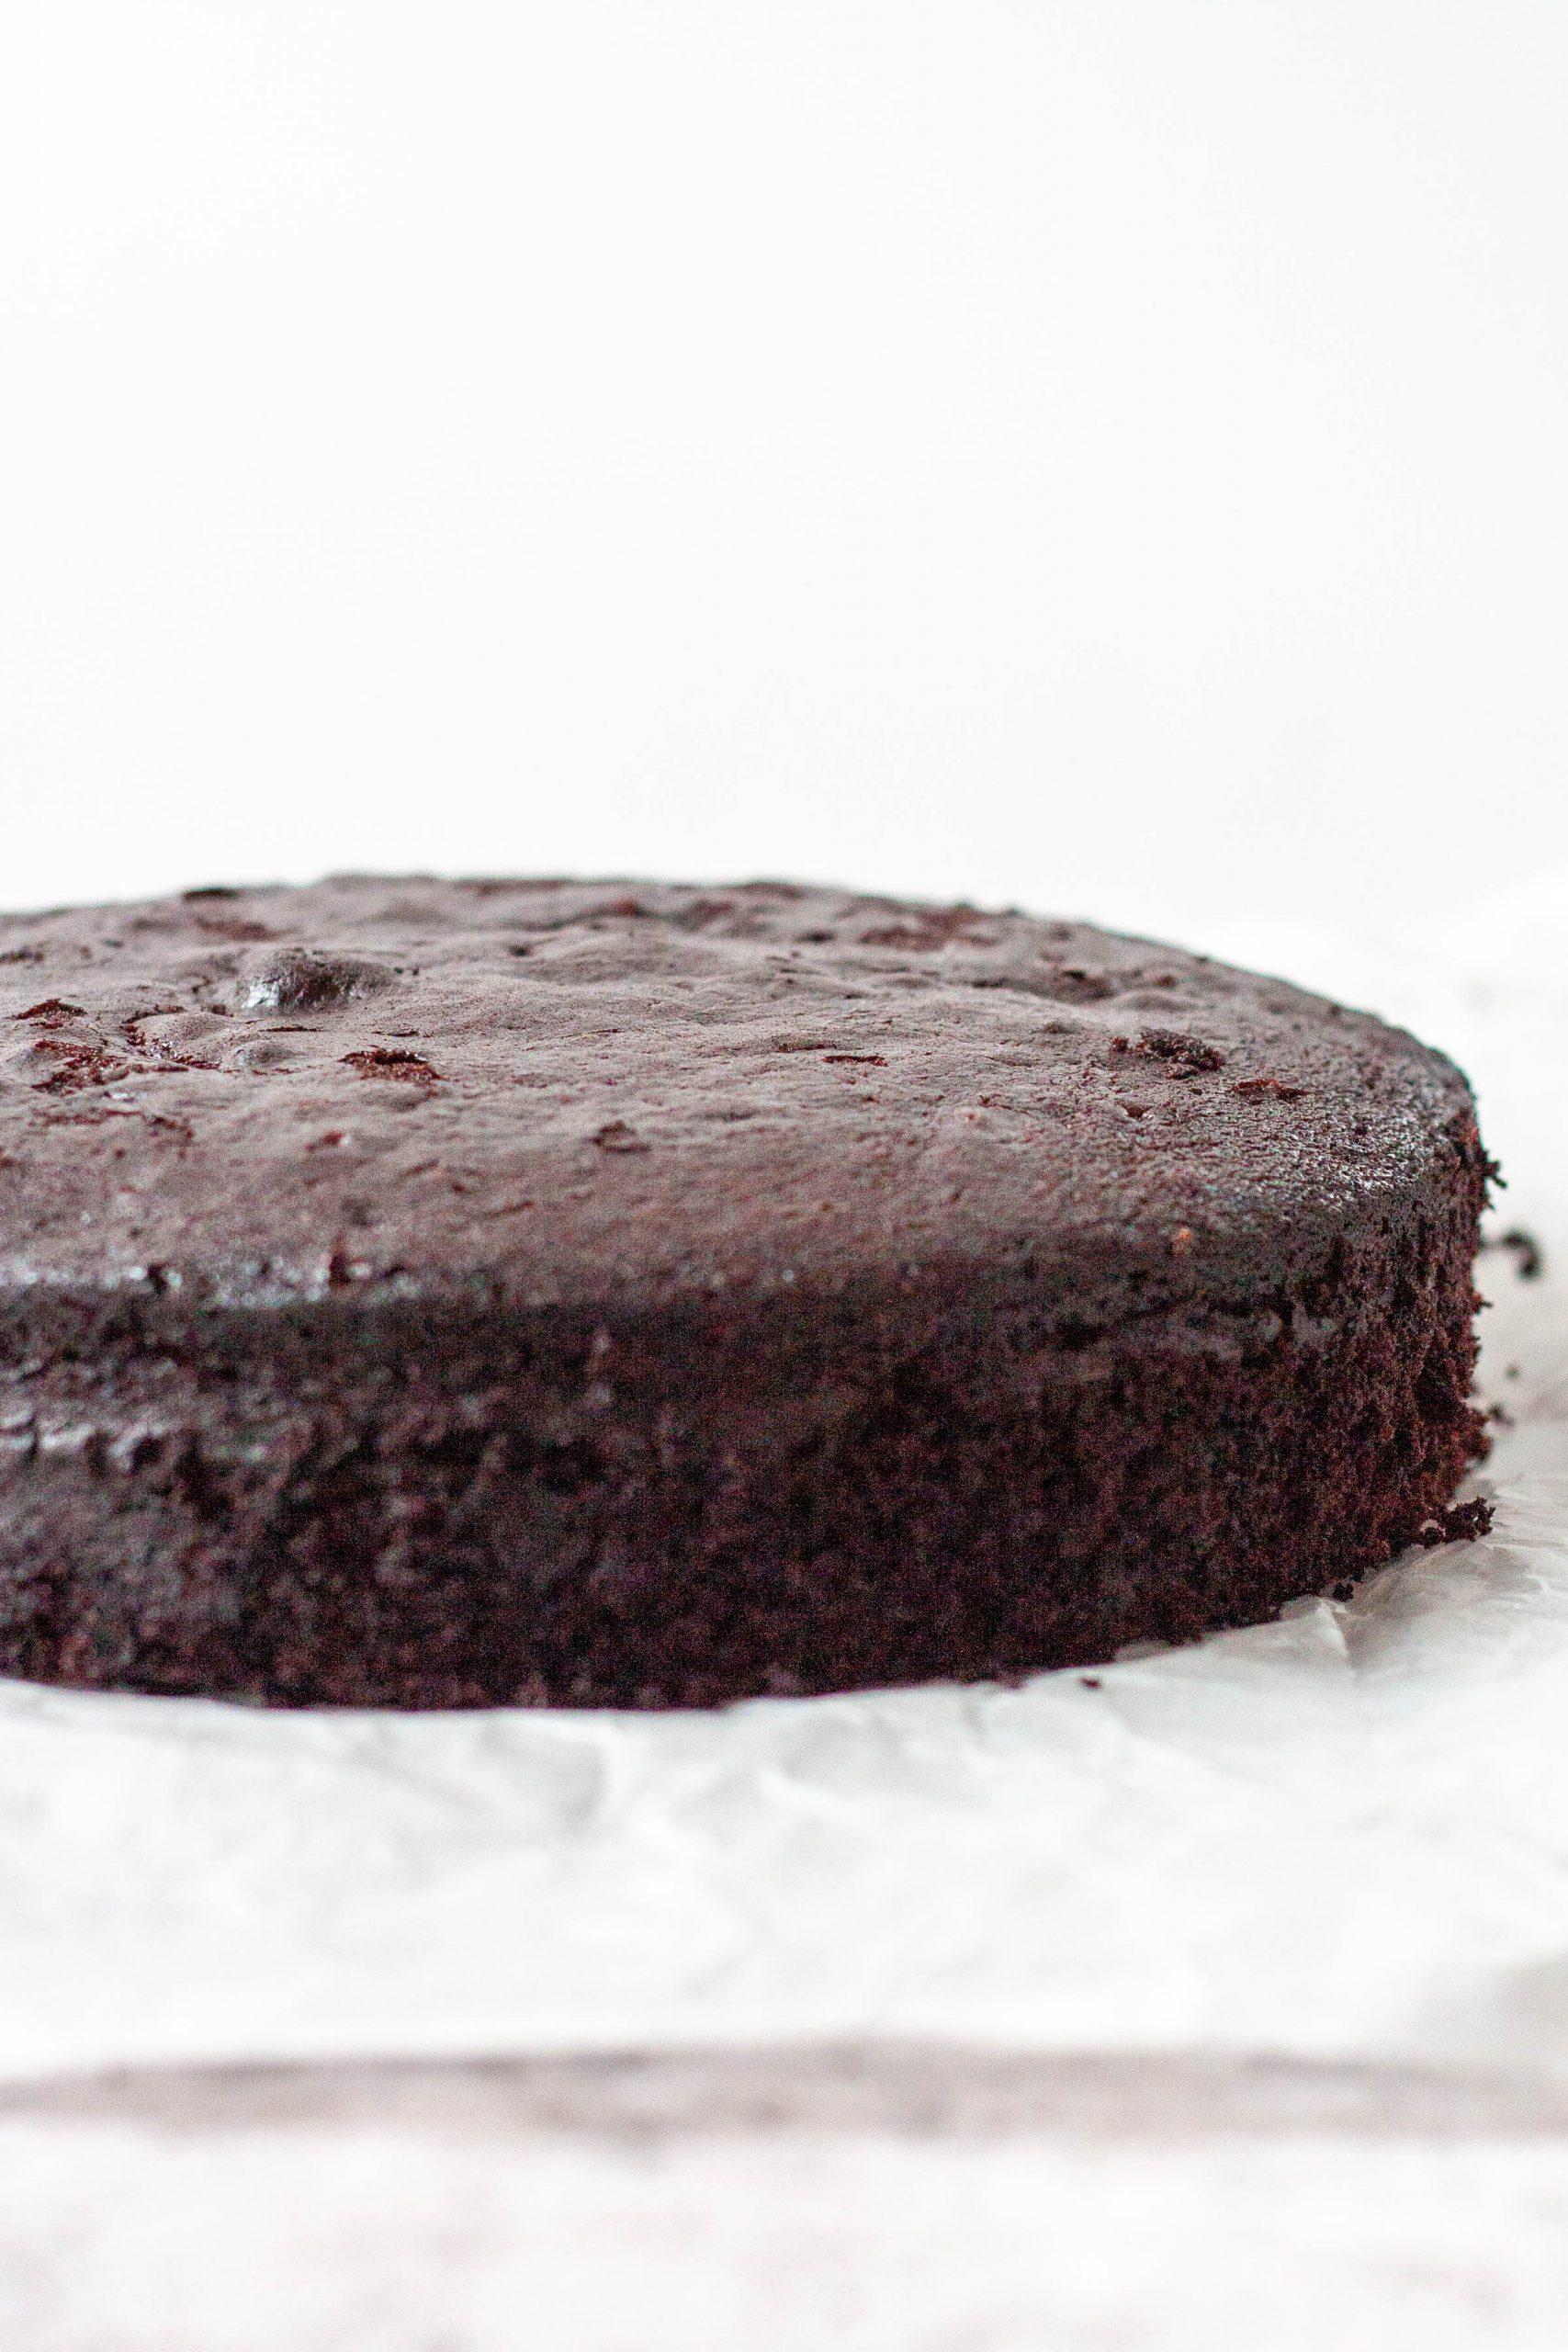 flat top chocolate cake baked using baking strips